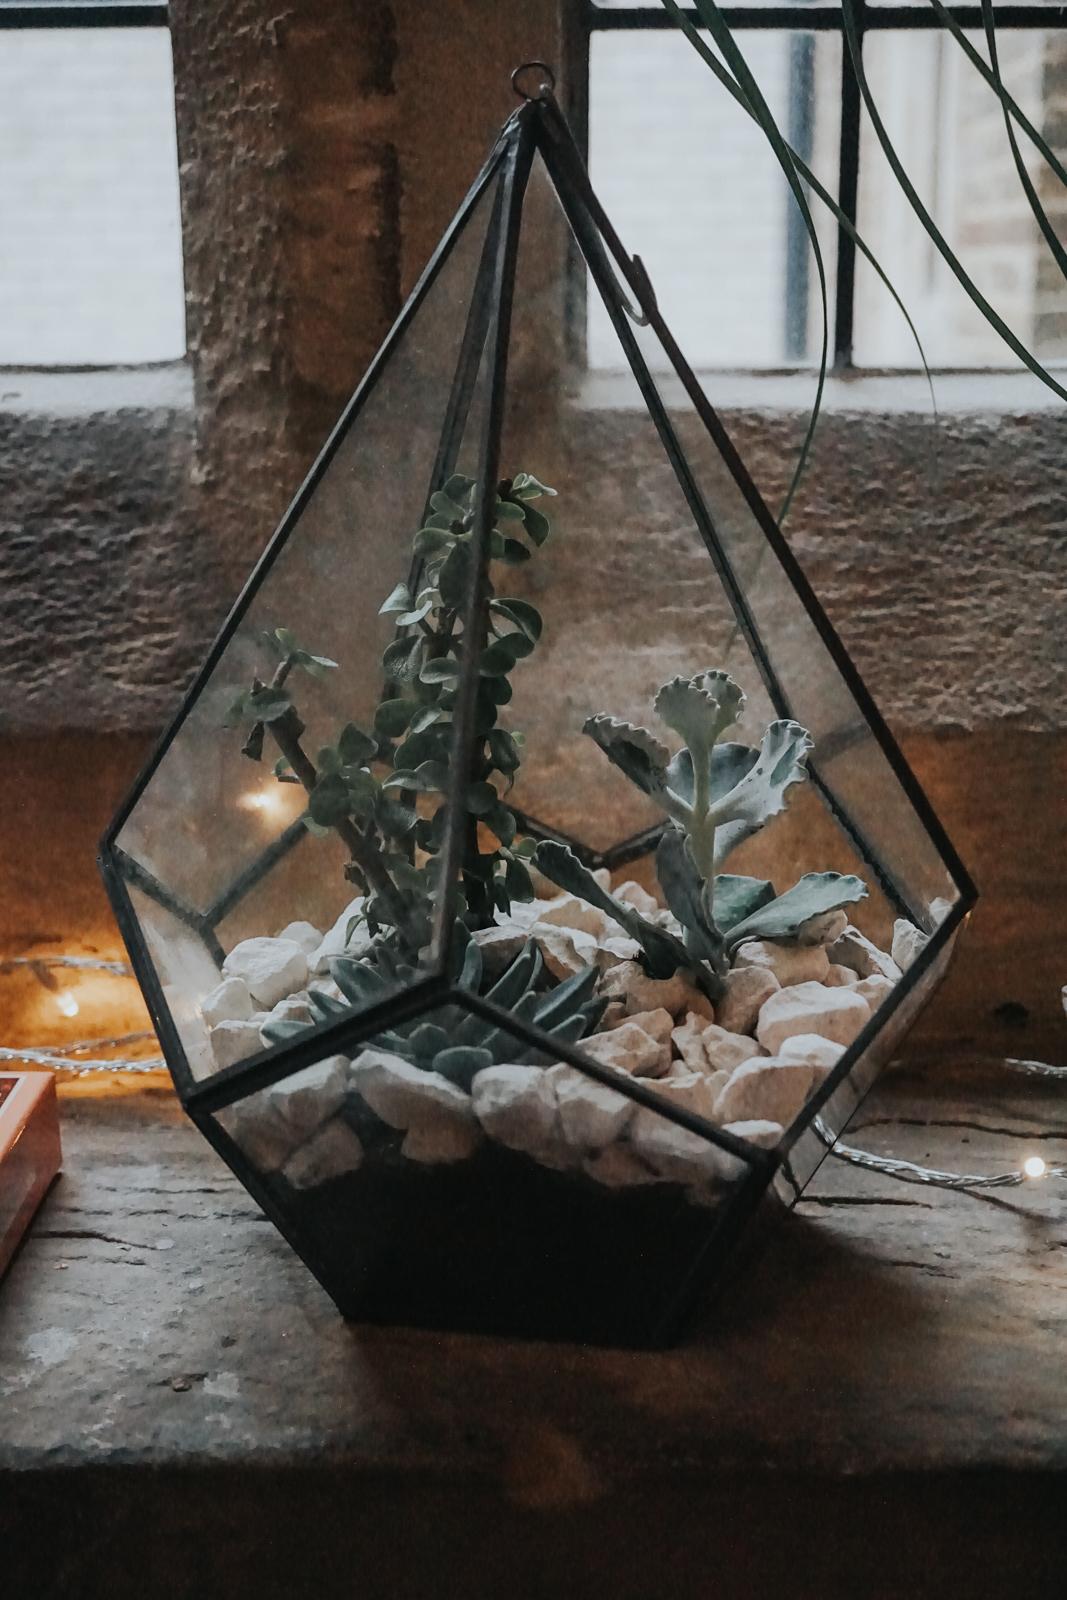 Write-Yourself-Home-workshop-sas-Petherick-minas-planet-jasmina-haskovic4.jpg